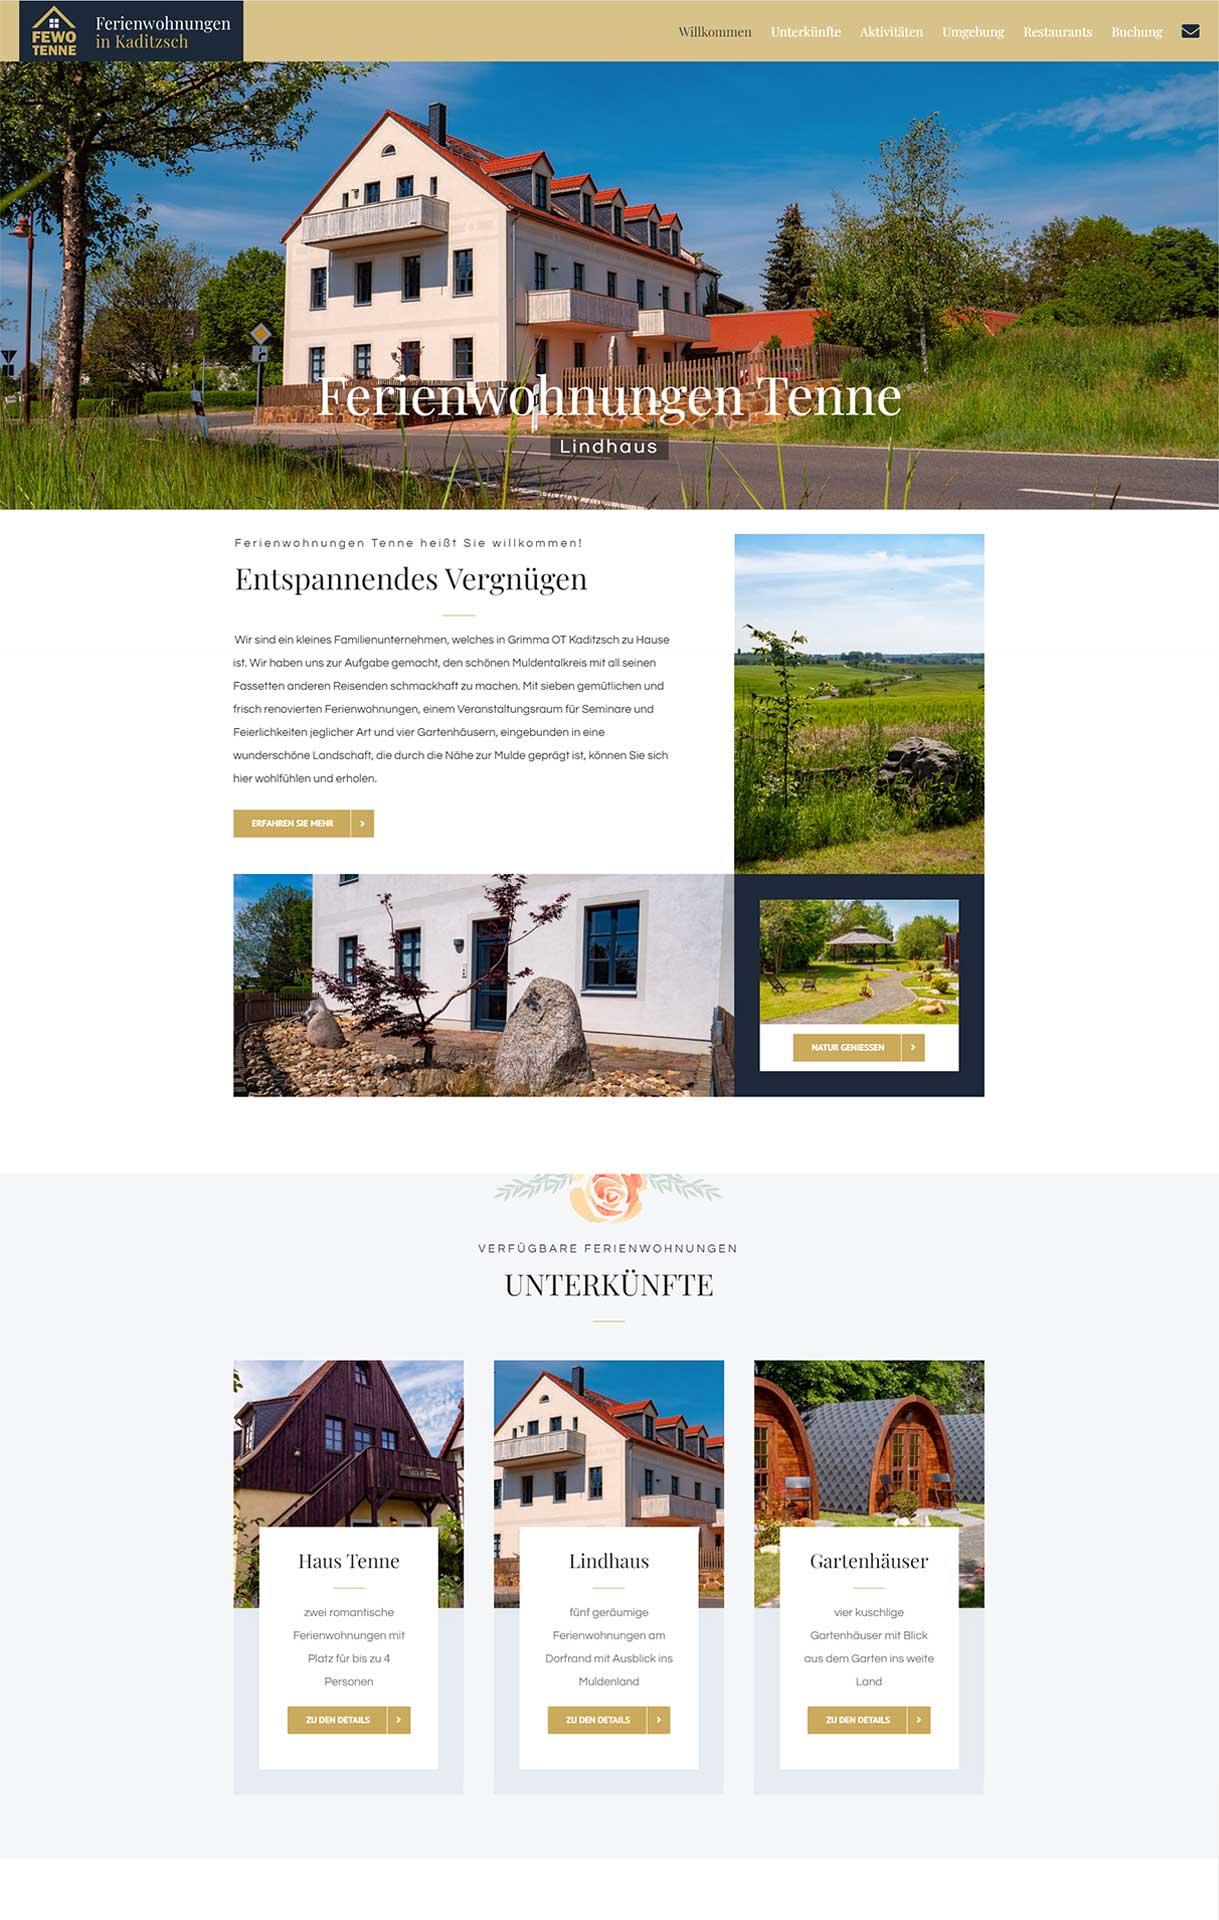 webdesign-flashlightmedia-werbeagentur-leipzig-grimma-startseite-ferienwohnung-tenne-webseite